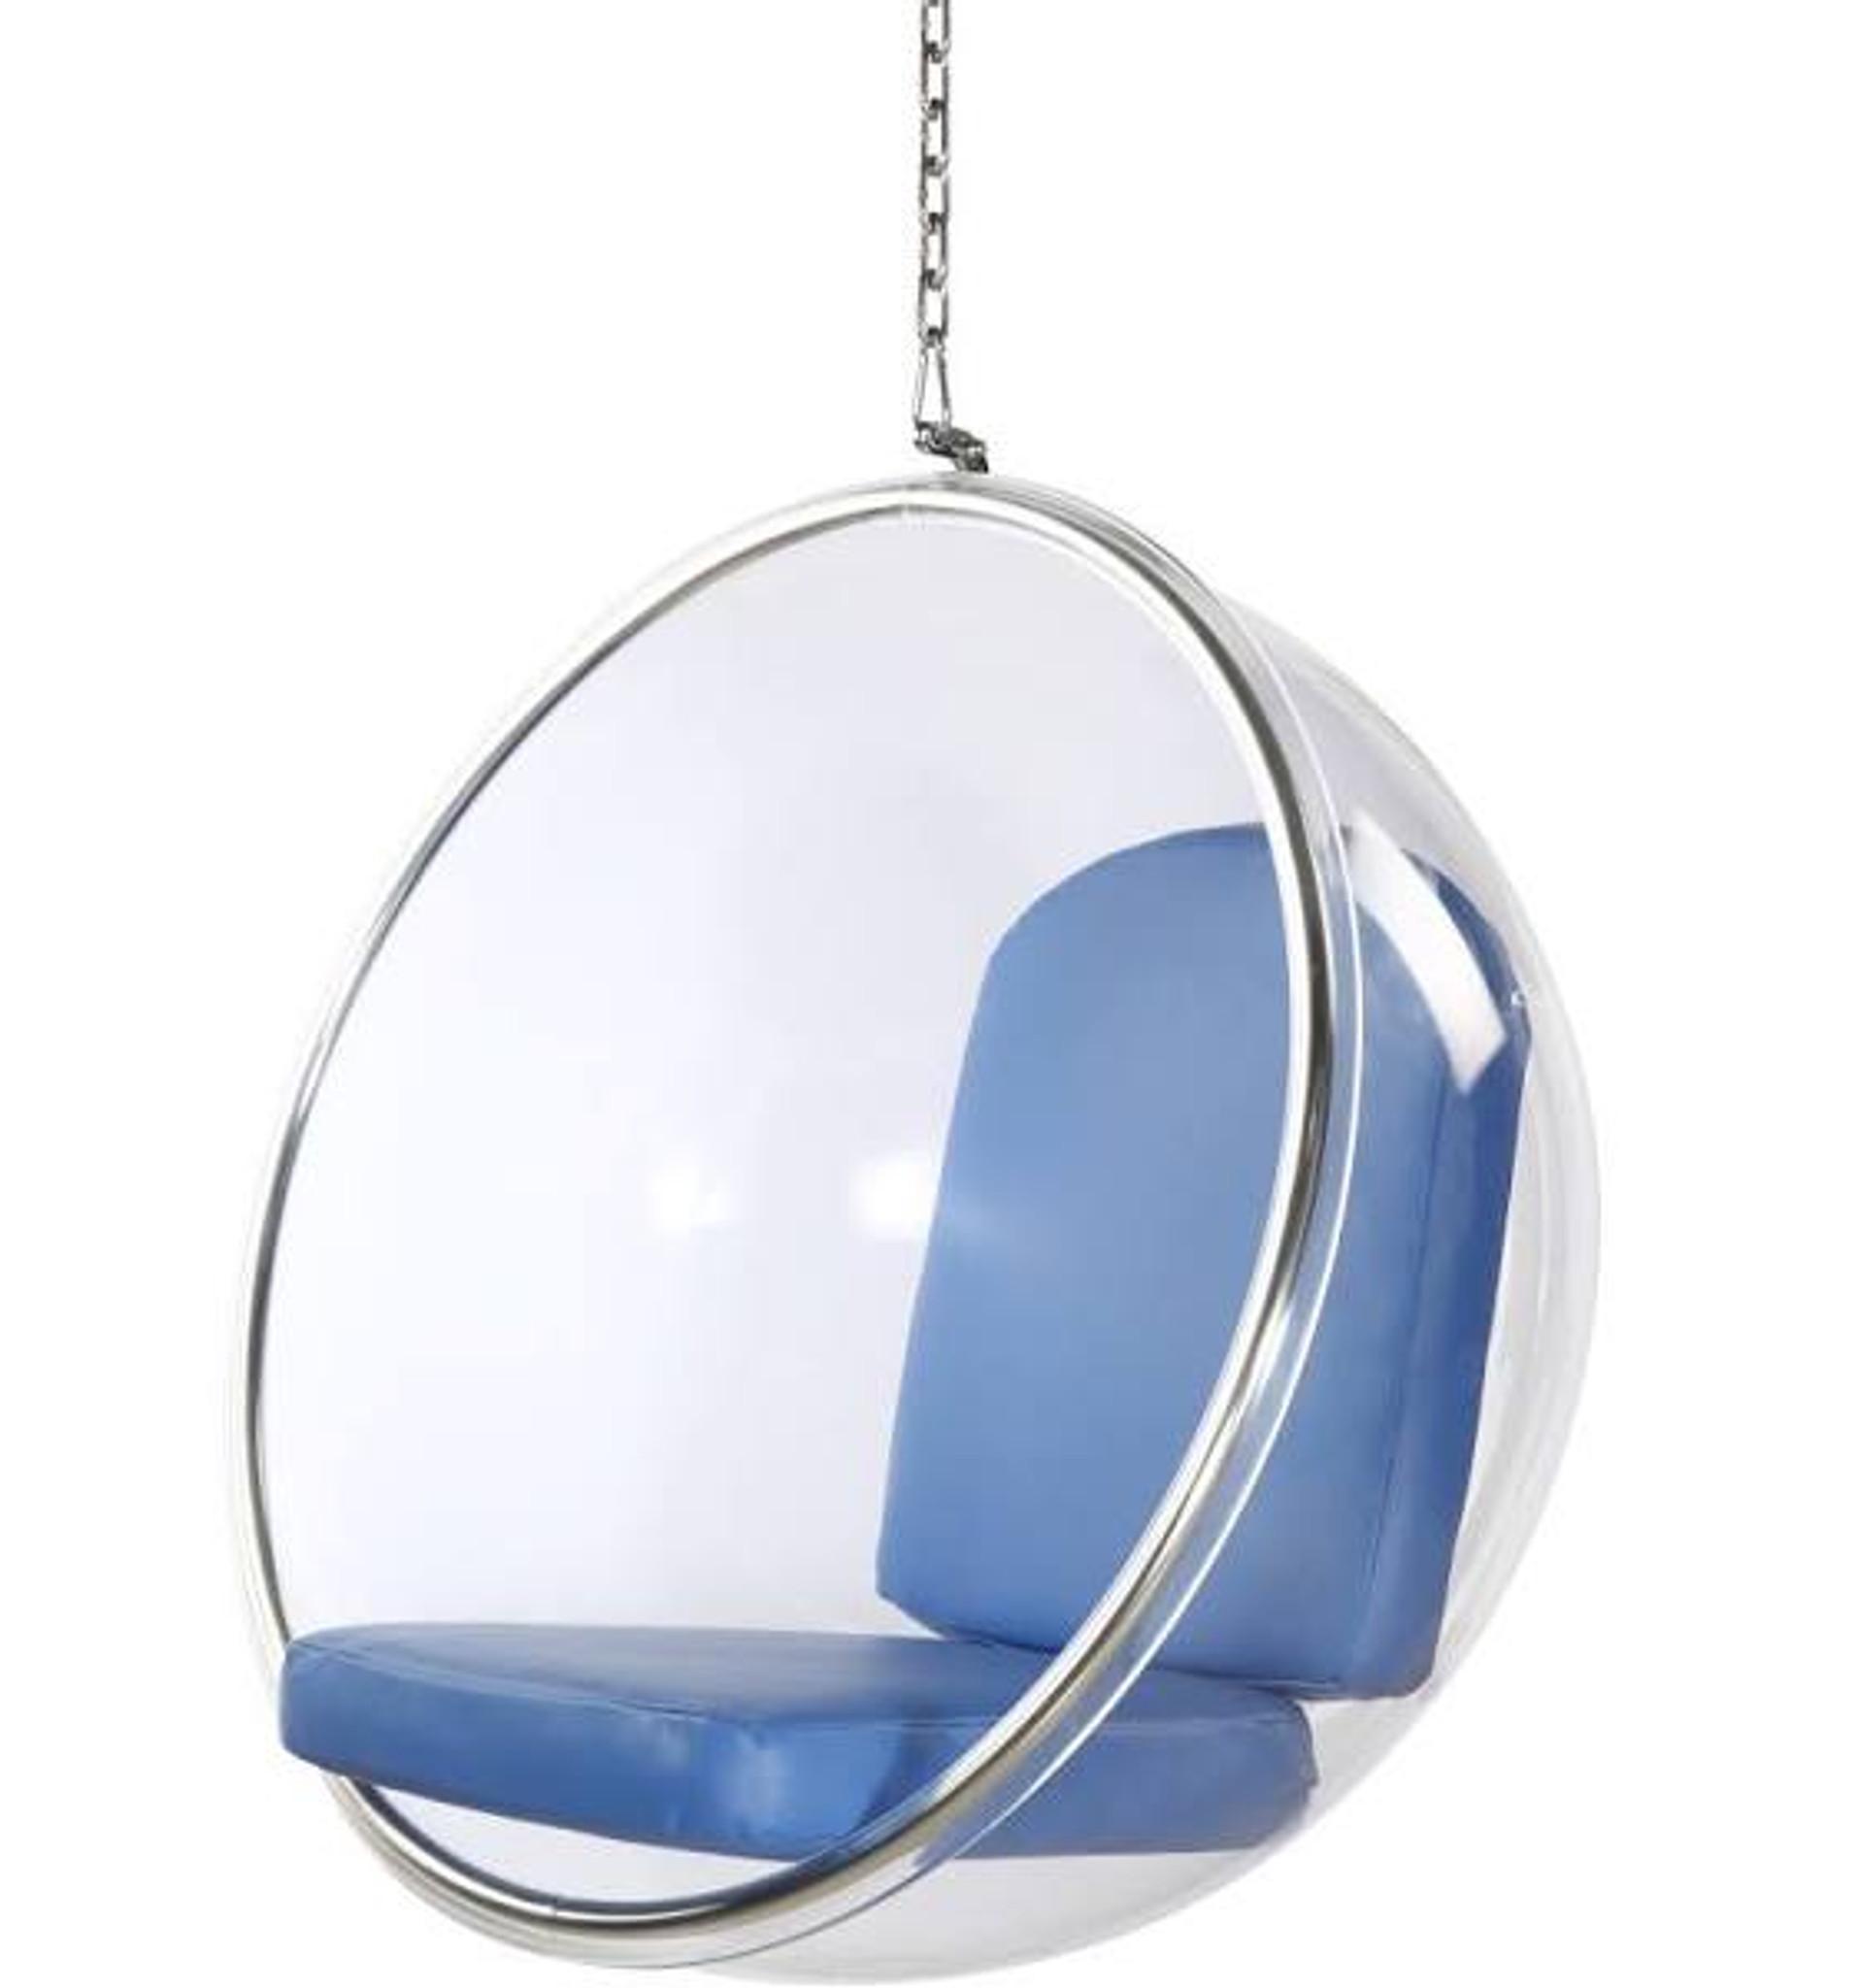 Clear Bubble Chair with Blue Cushion & Chrome Chain